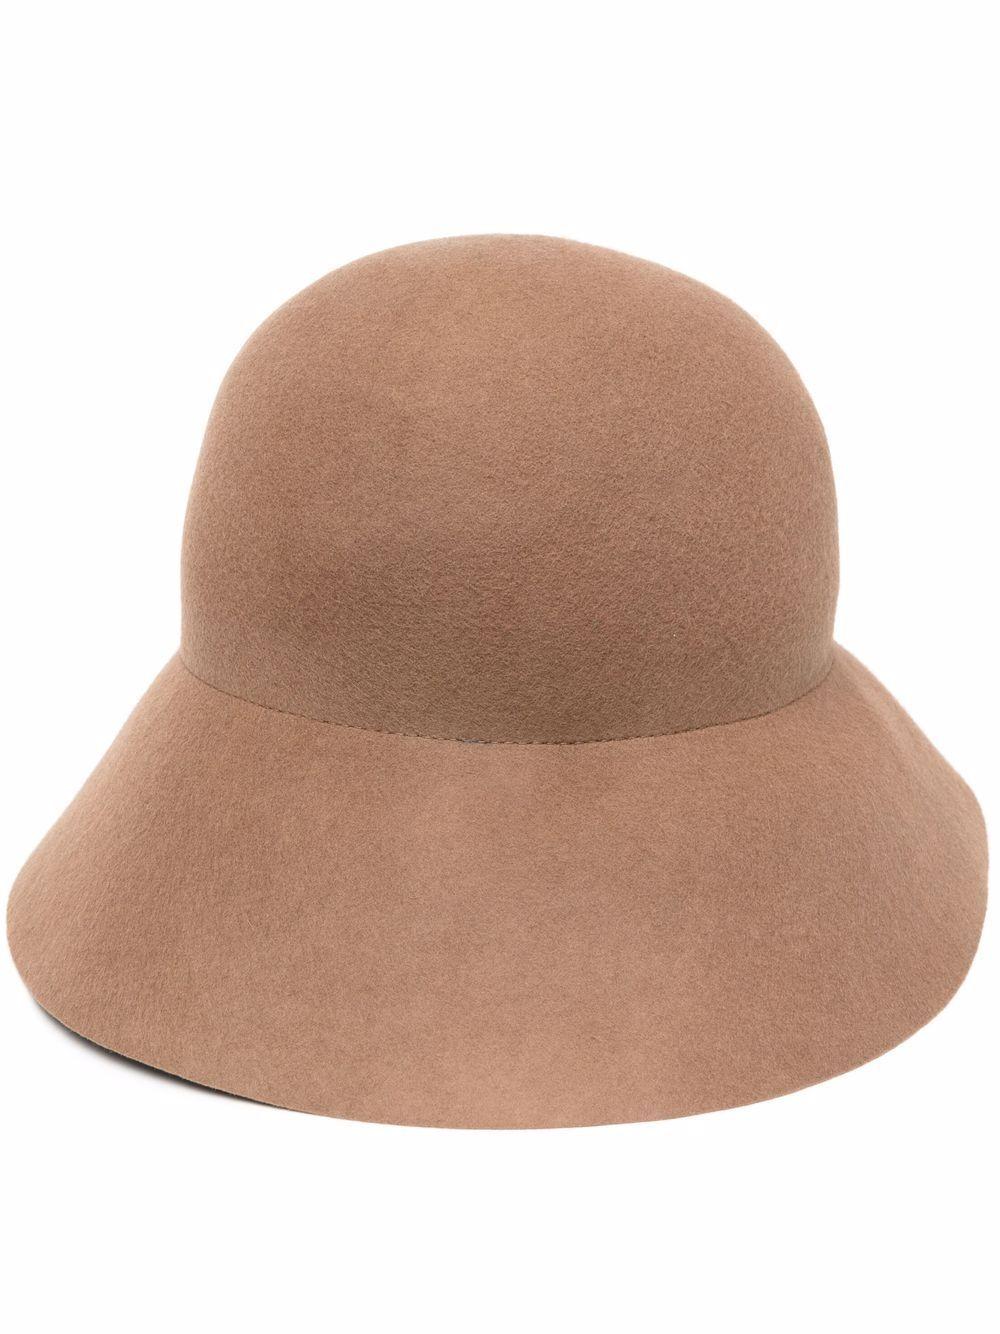 Cappelloin feltro